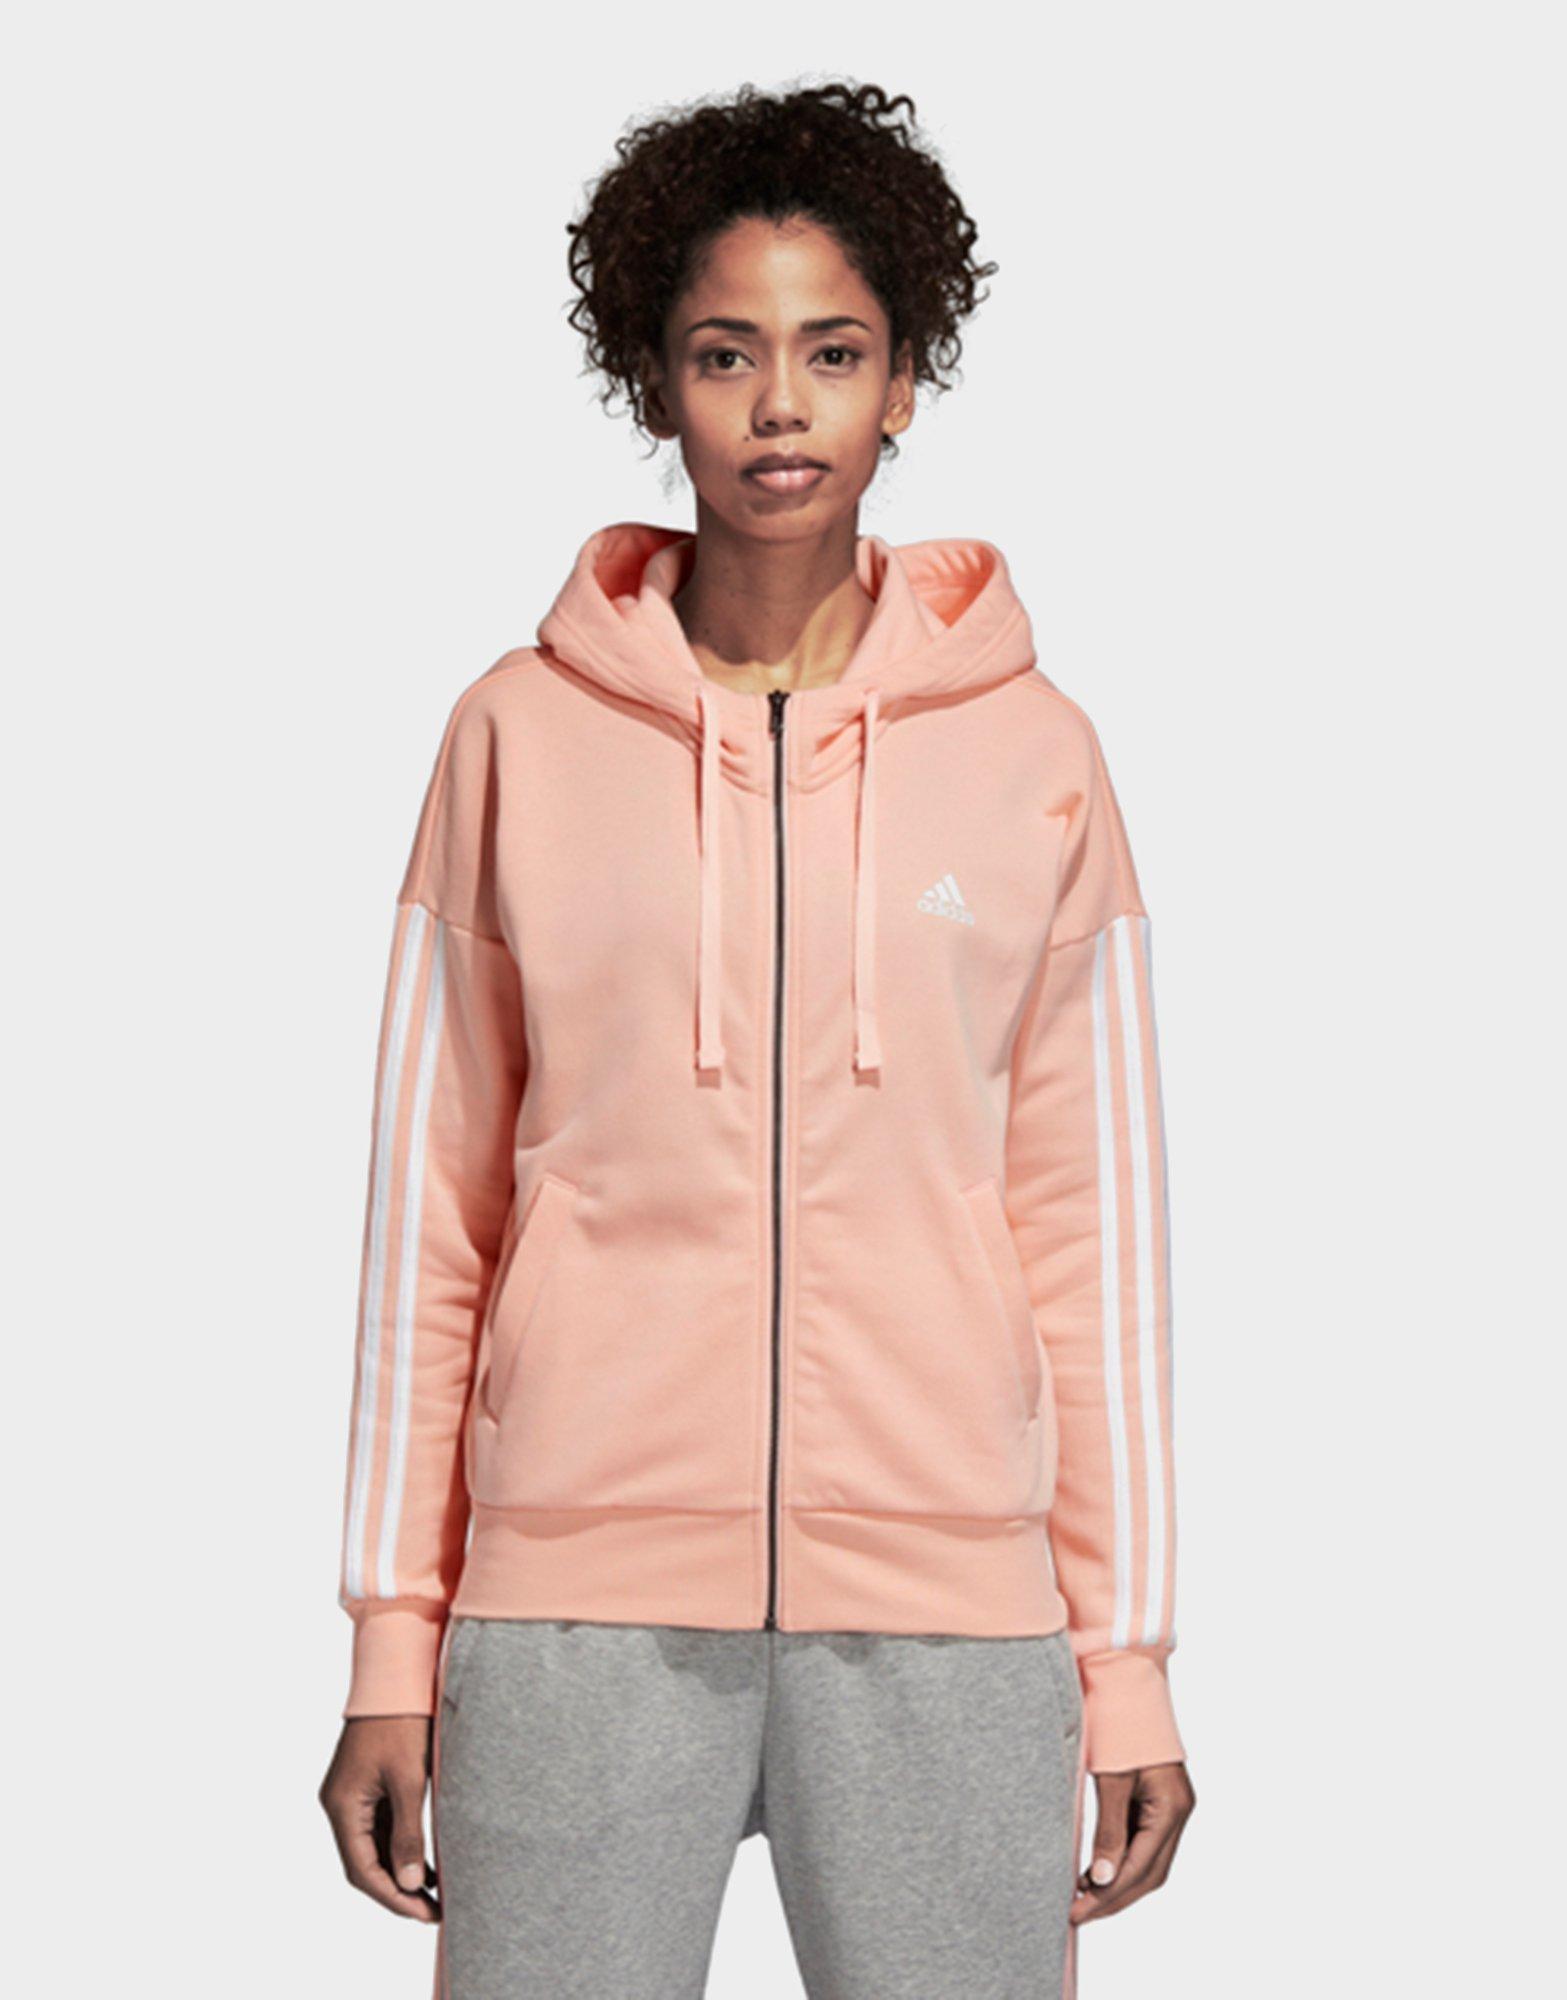 Lyst - Adidas Essentials 3 Stripes Full Zip Hoodie in Pink 07748ca625